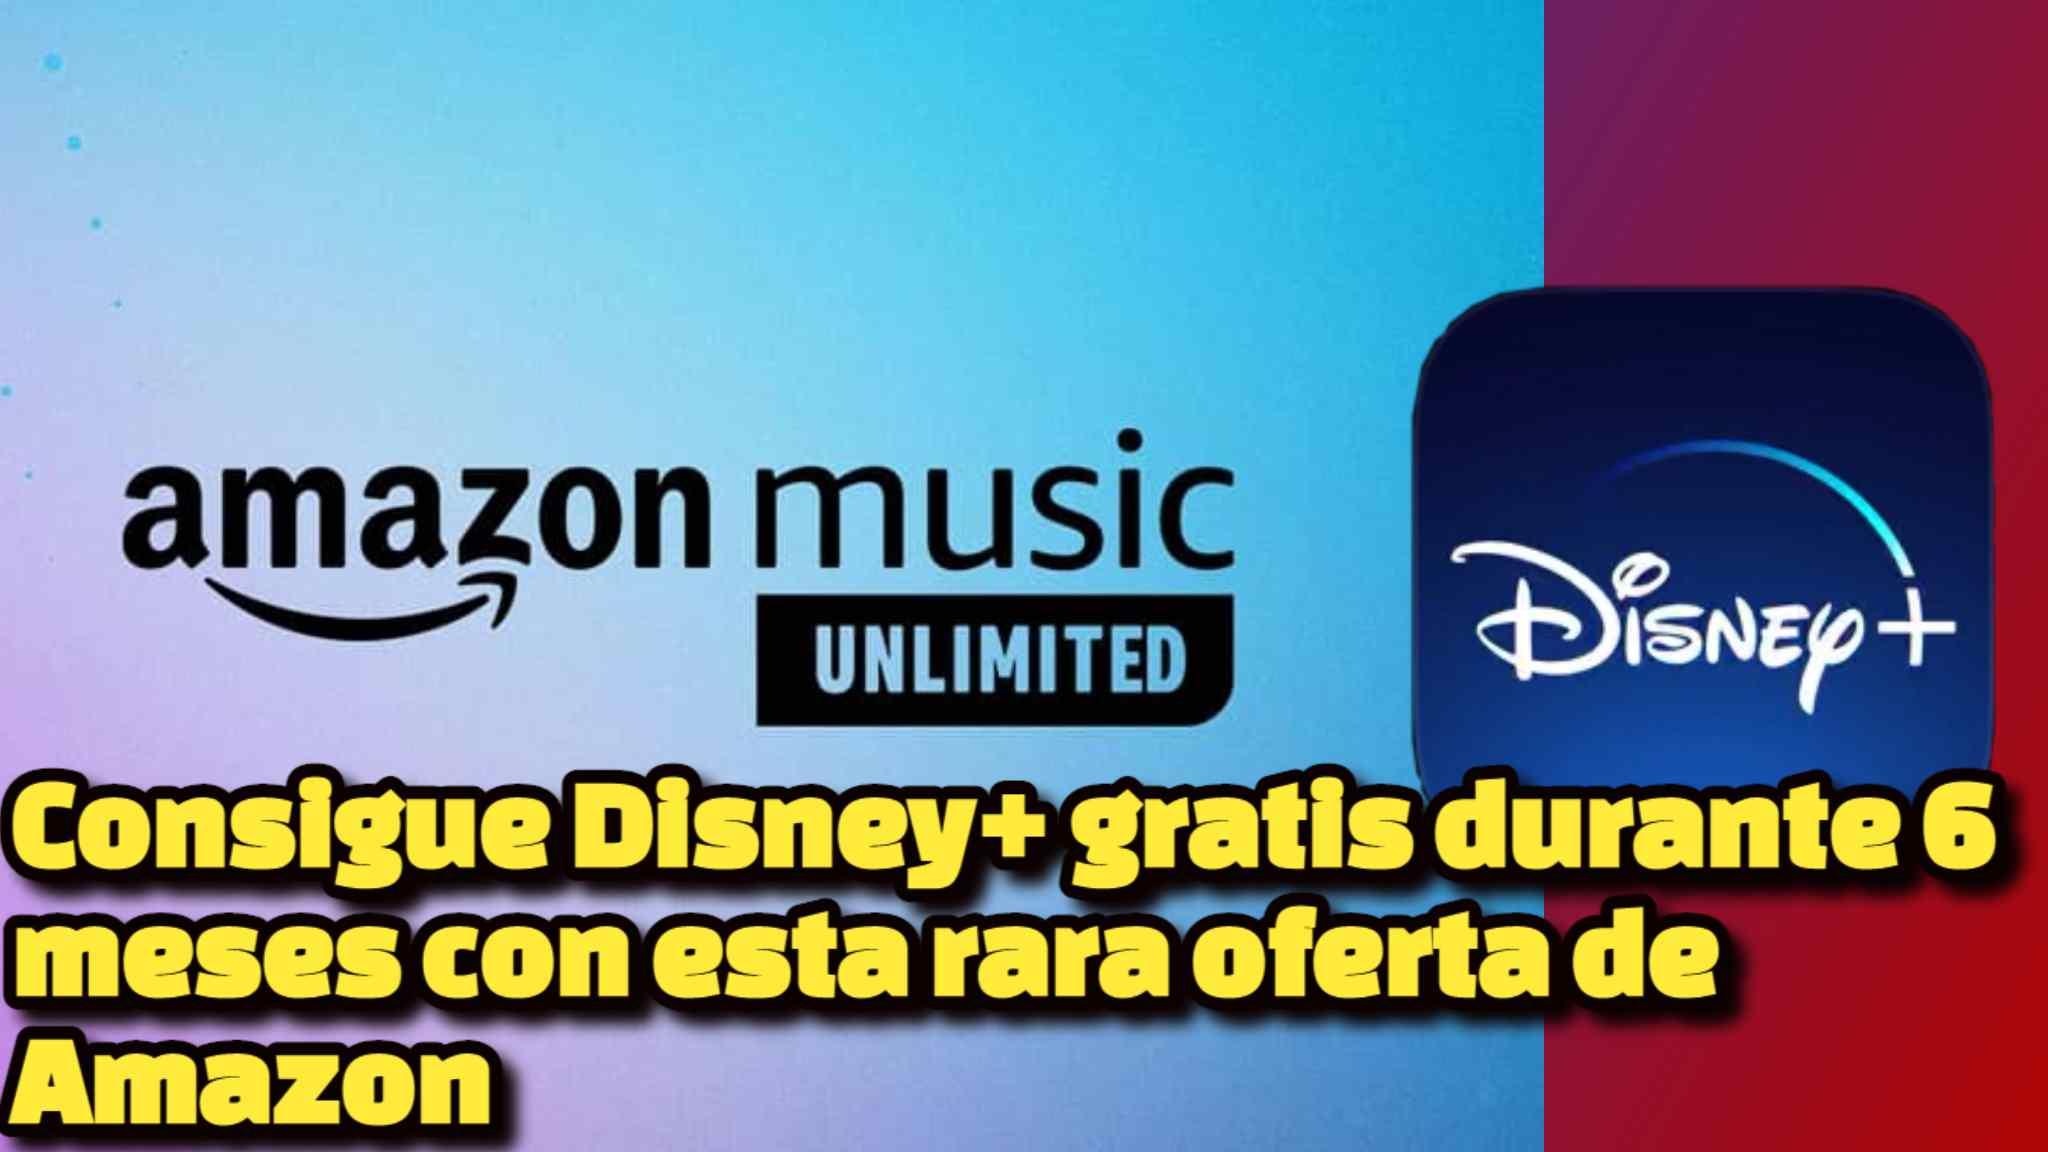 Consigue Disney+ gratis durante 6 meses con esta rara oferta de Amazon